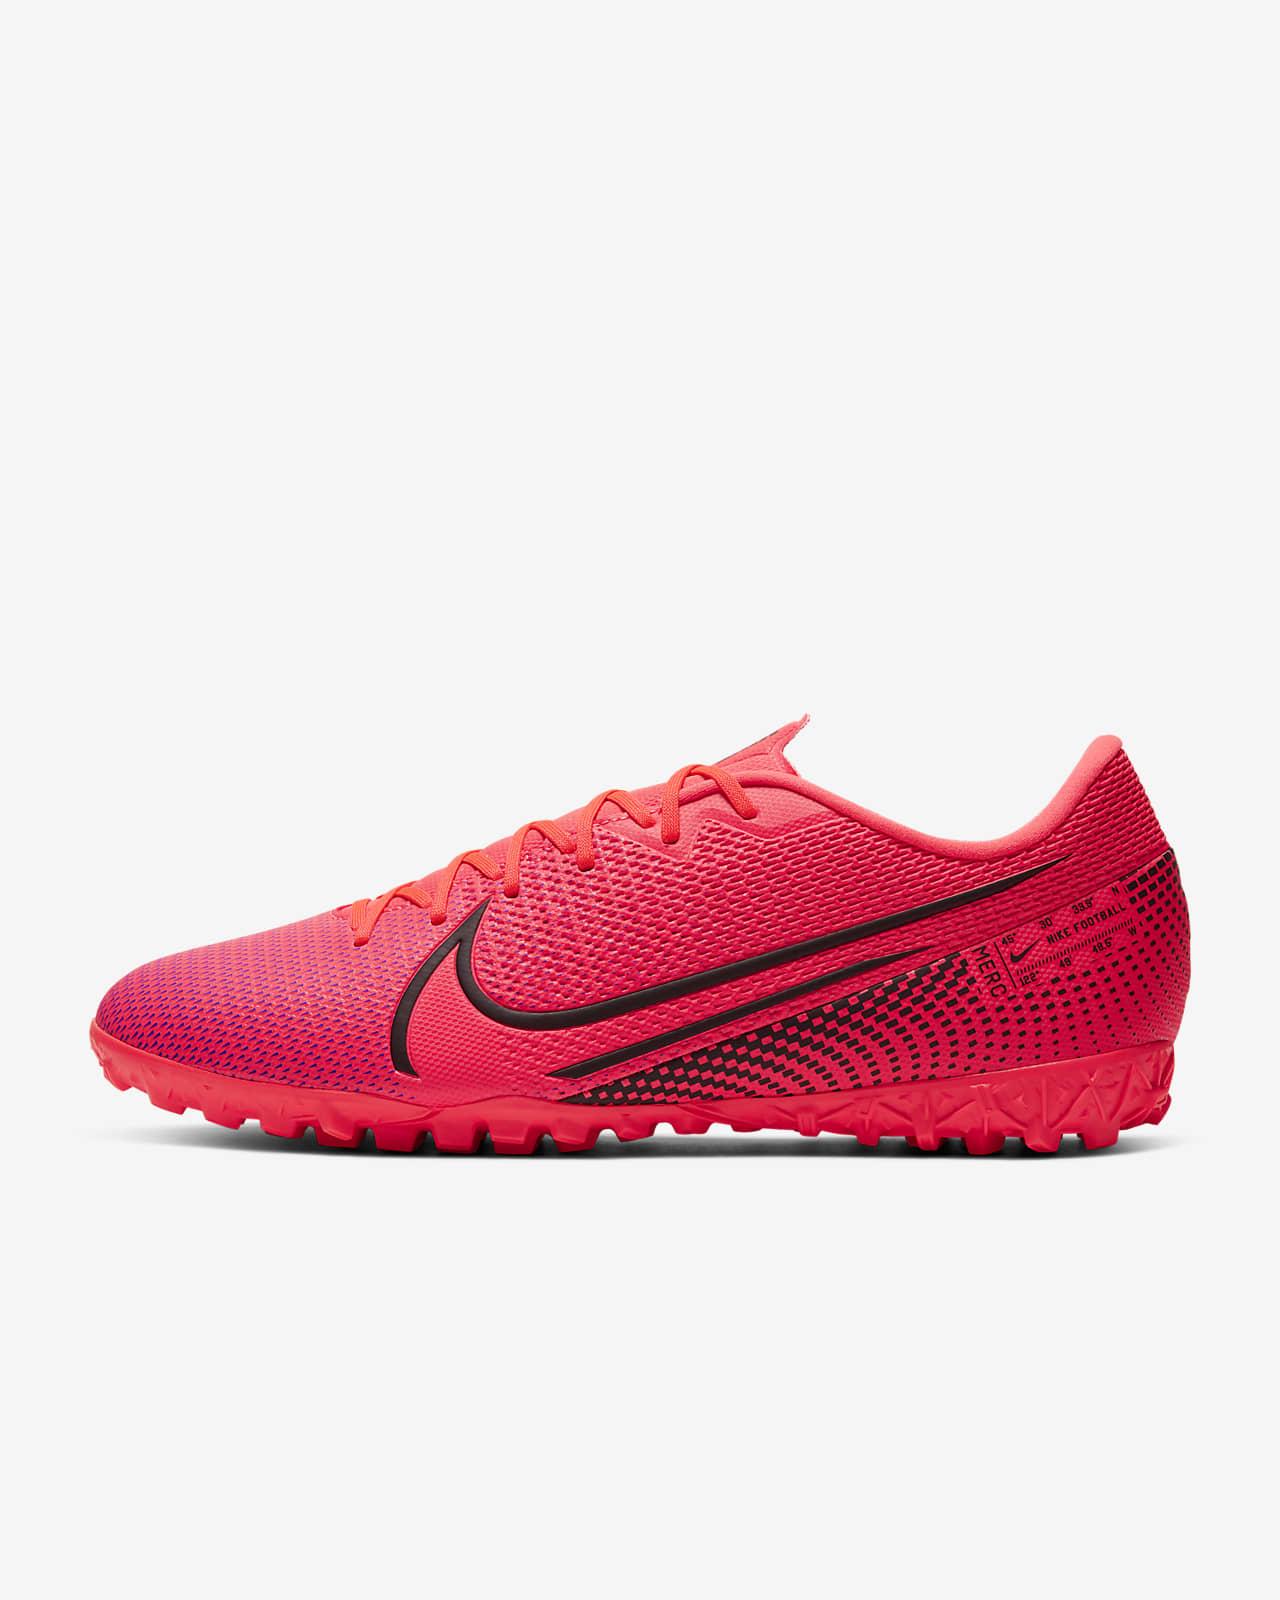 รองเท้าฟุตบอลสำหรับพื้นสนามหญ้าเทียม Nike Mercurial Vapor 13 Academy TF